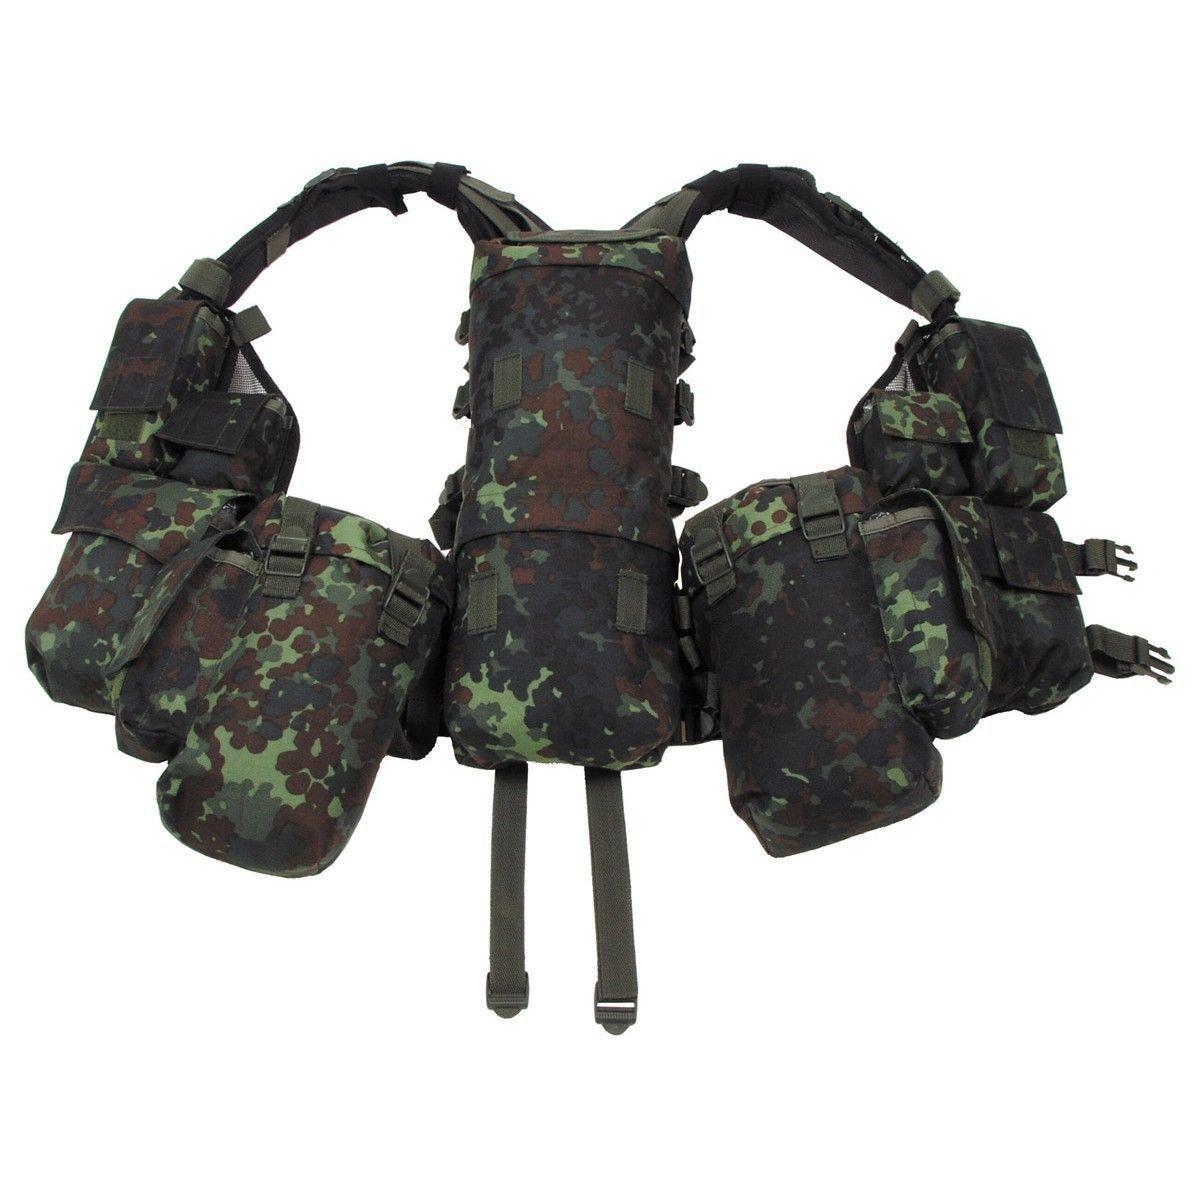 BW Ejército Alemán Flectarn Camuflaje Patrón Chaleco de combate de batalla táctica militar-Nuevo